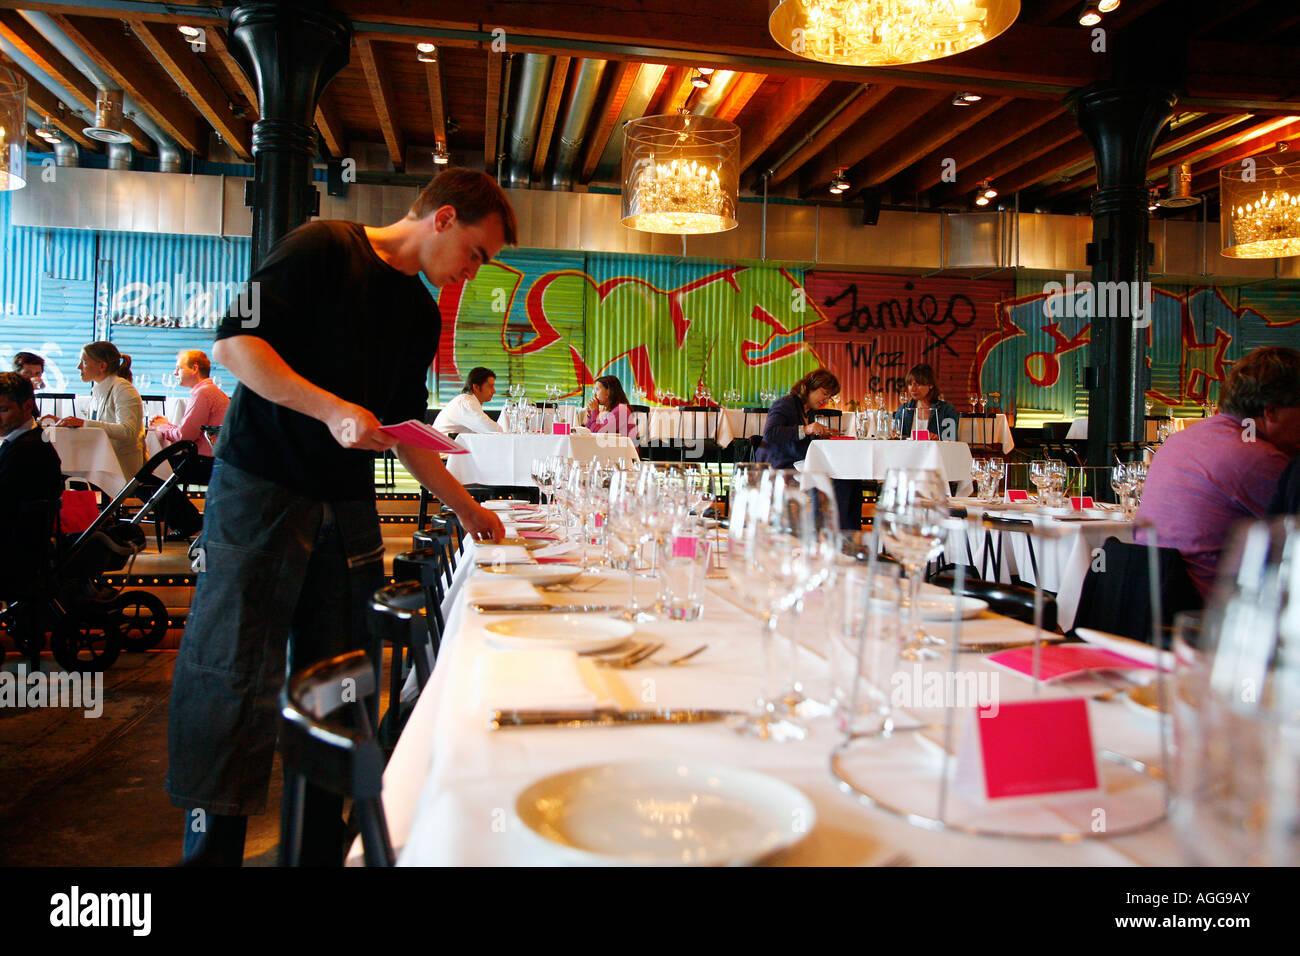 Quince restaurante Jamie Oliver, nuevo restaurante en el Pakhuis Amsterdam Holanda Imagen De Stock